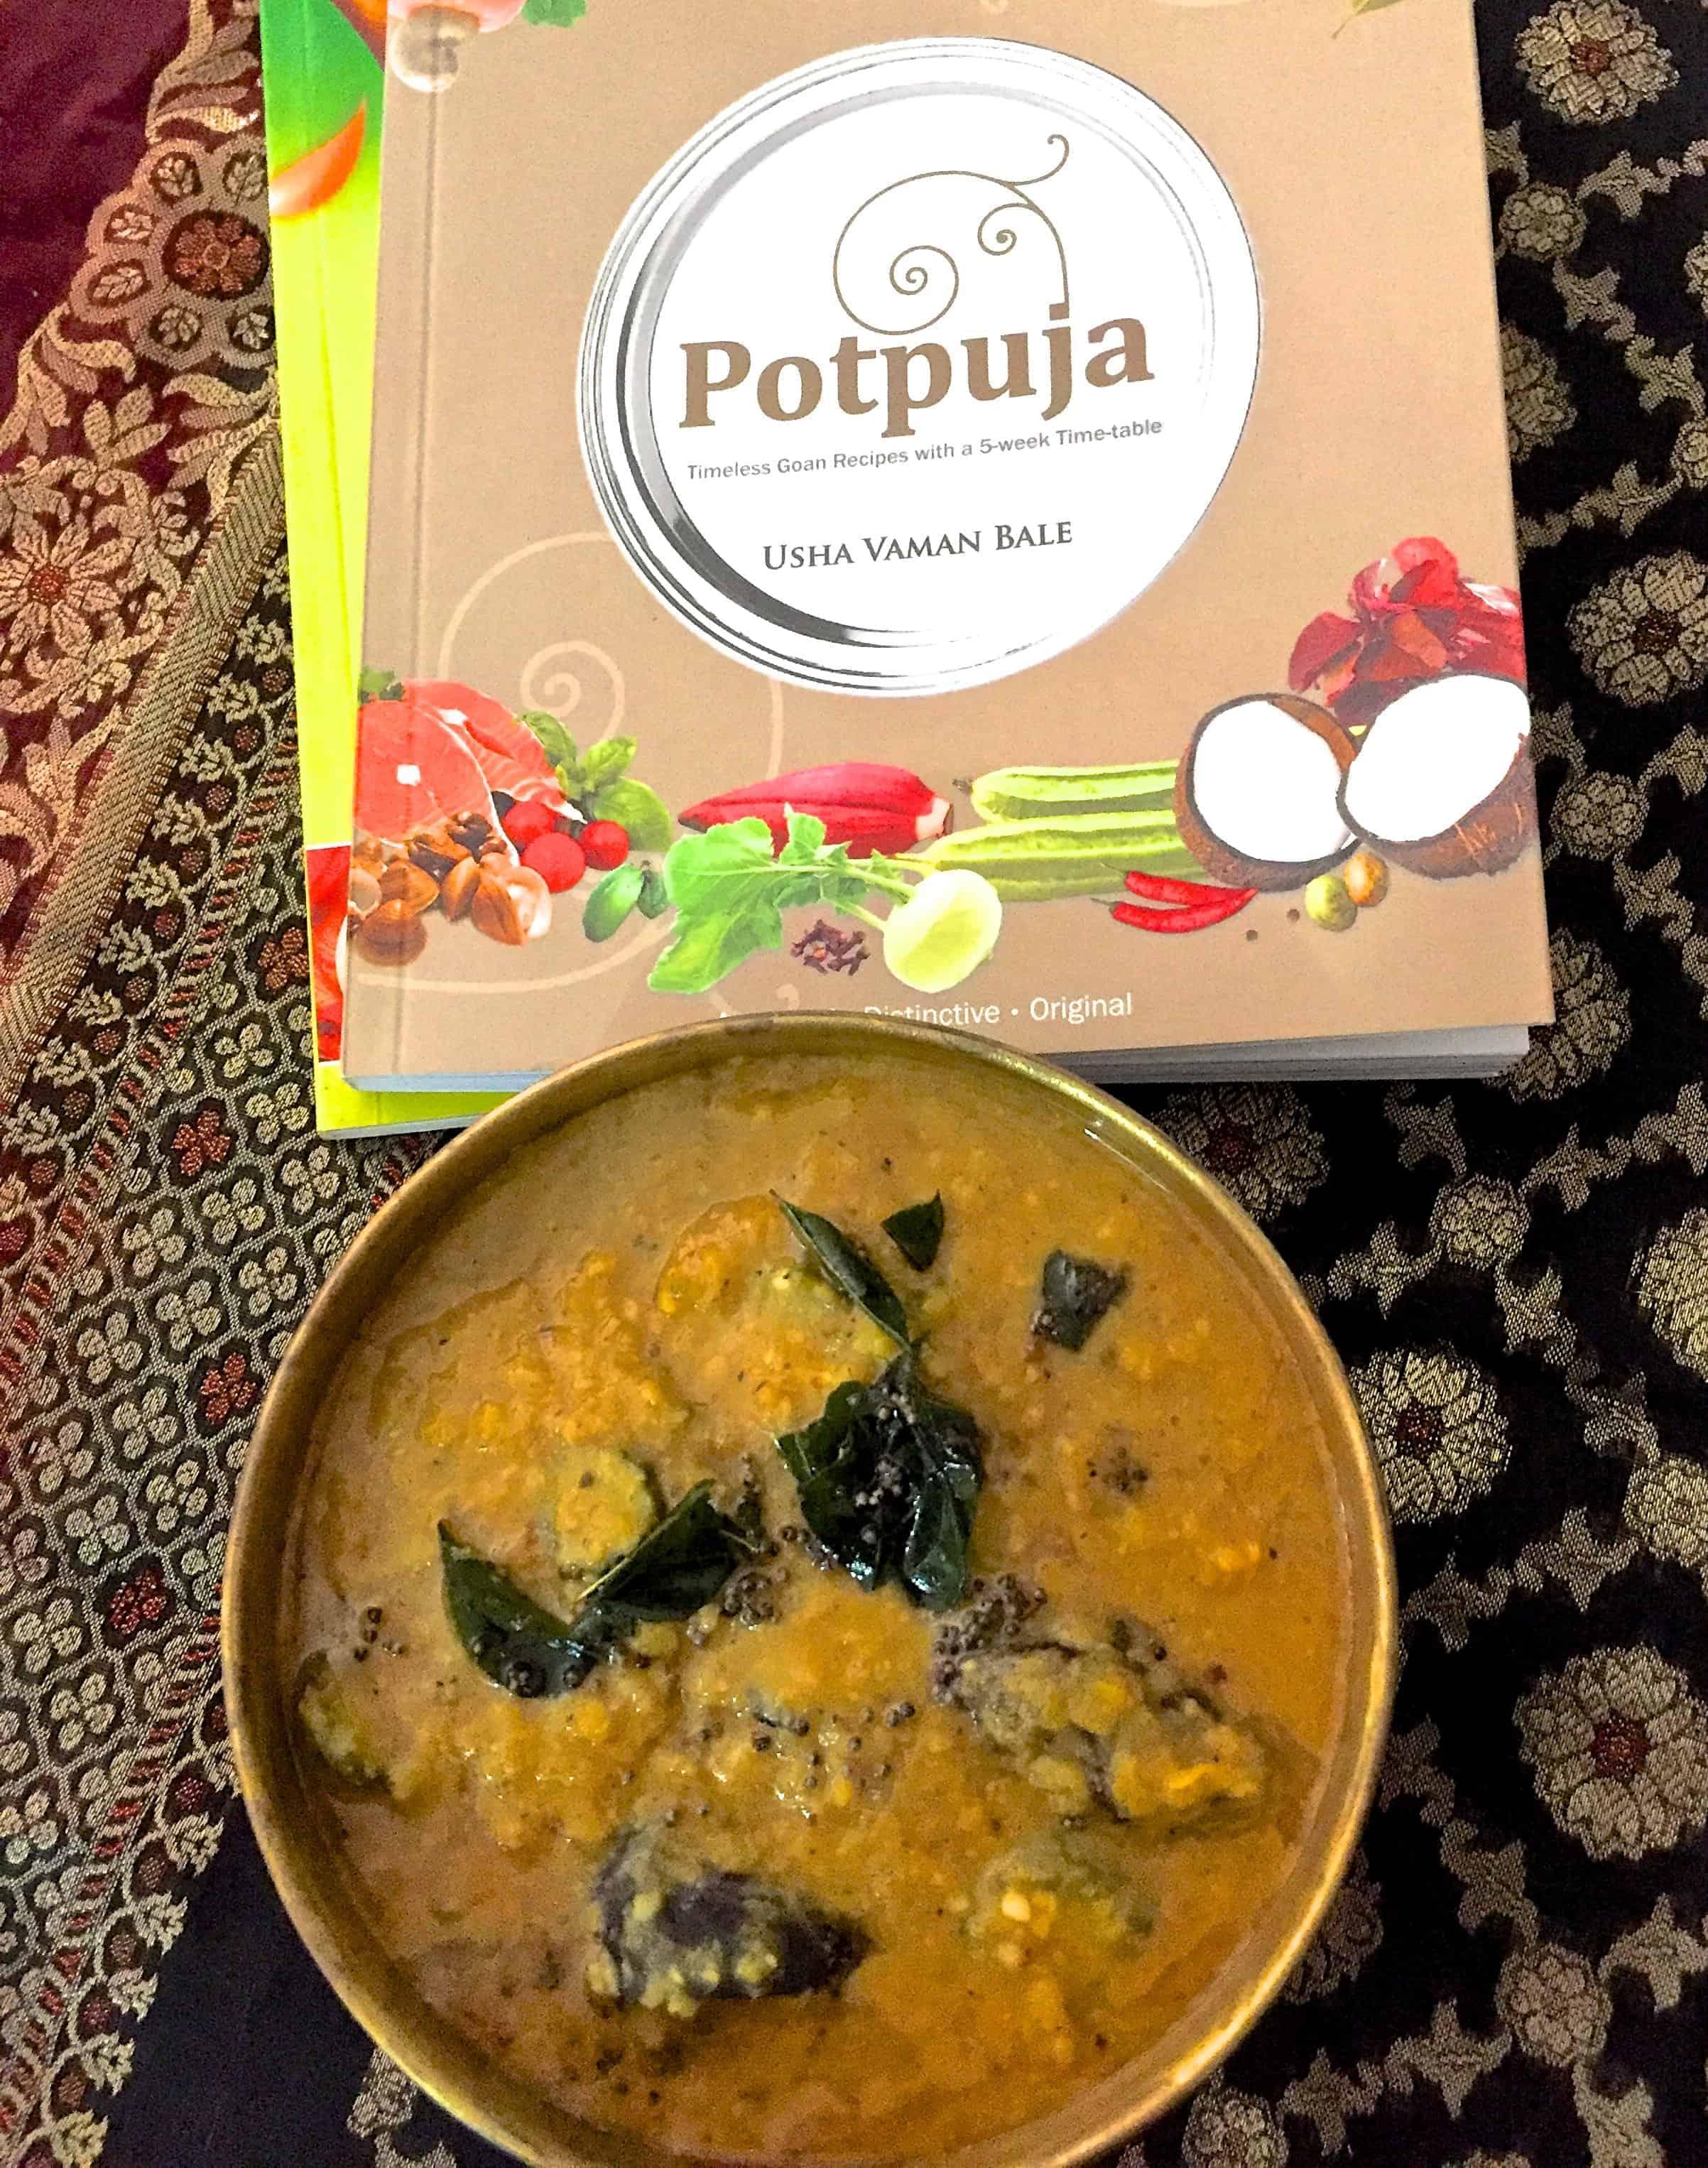 Goan Bitter gourd kokum Dal with Potpooja cook book alongside